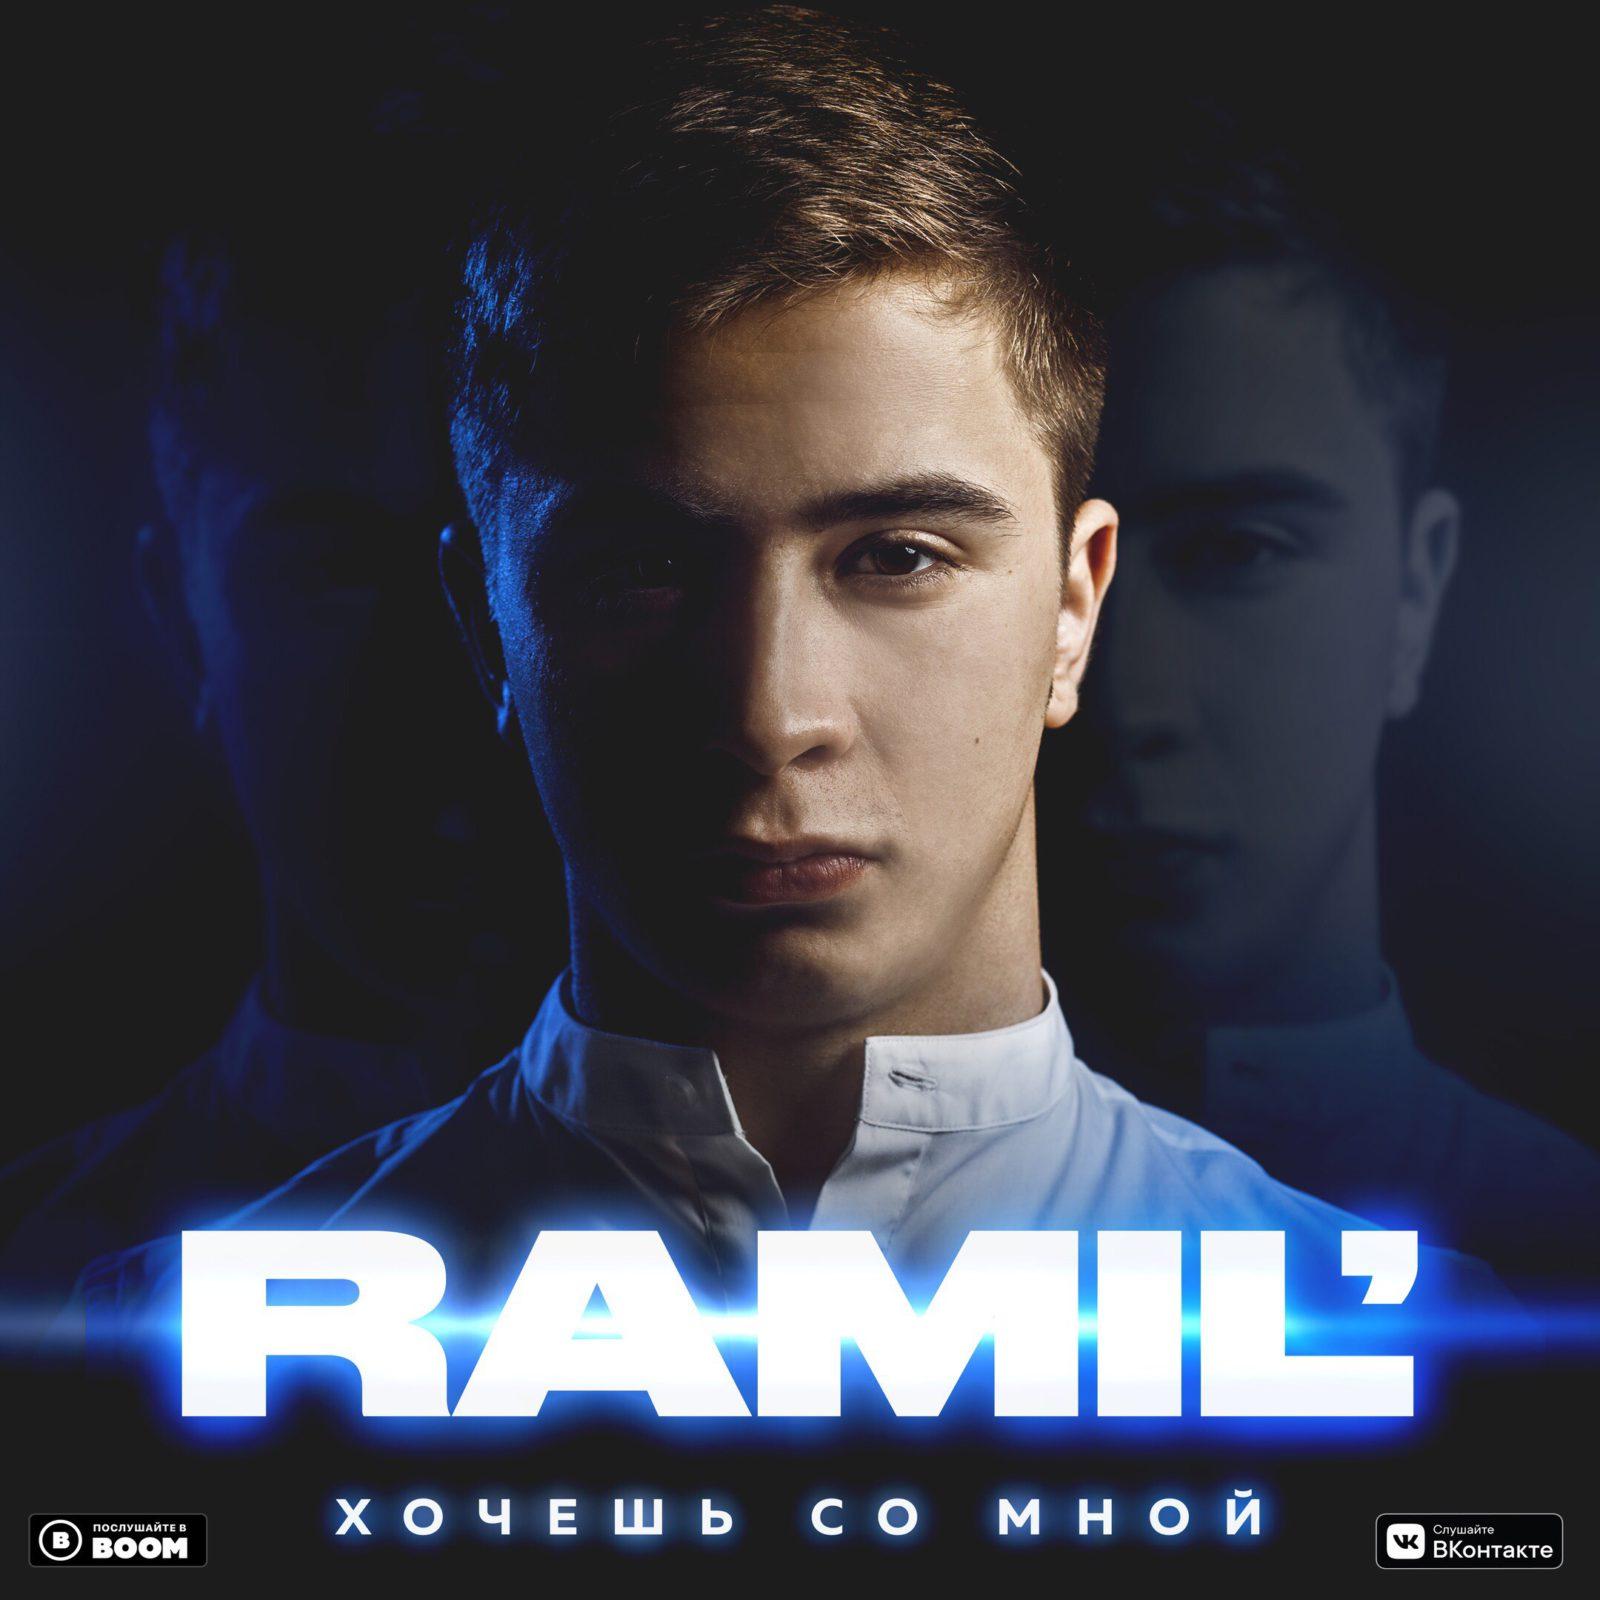 «Хочешь со мной»: Ramil' выпустил свой первый альбом